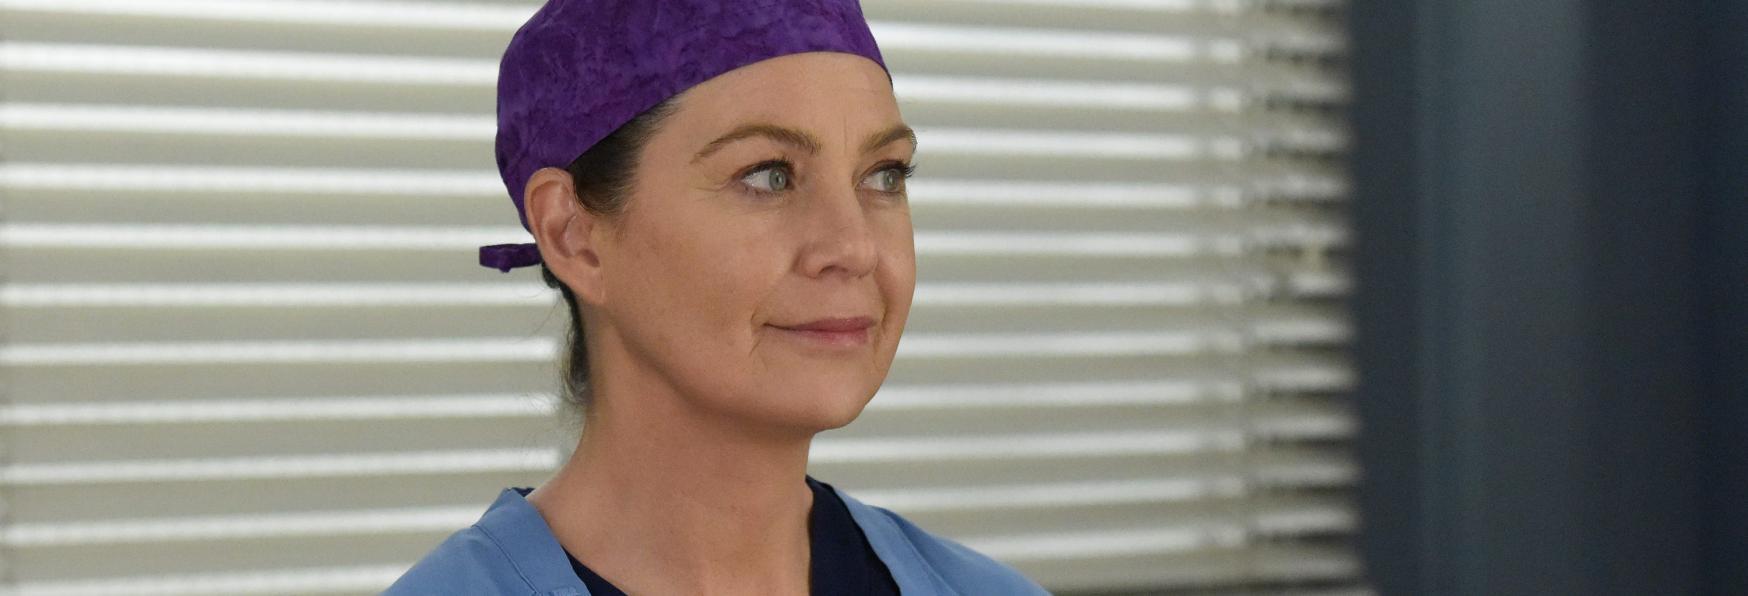 Grey's Anatomy 17 ritorna a Marzo con un Episodio Crossover con Station 19